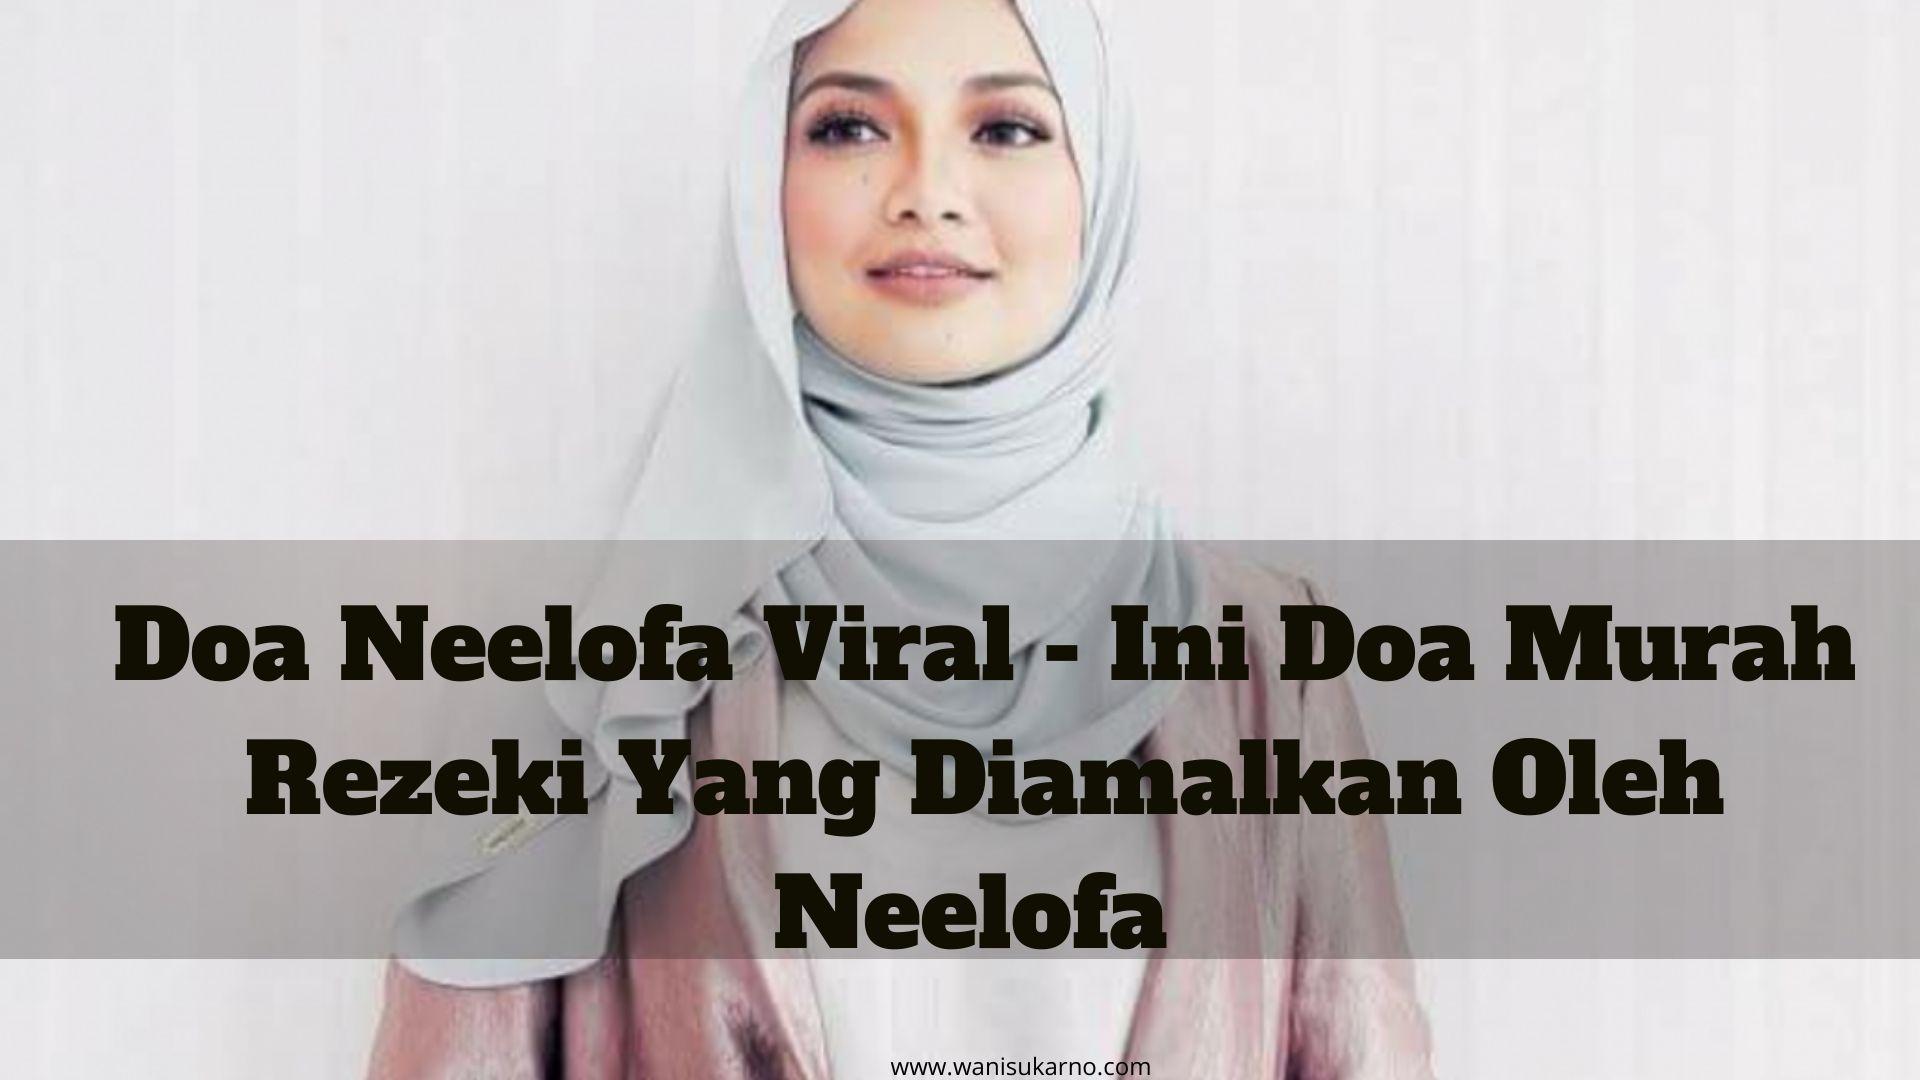 Doa Neelofa Viral - Ini Doa Murah Rezeki Yang Diamalkan Oleh Neelofa